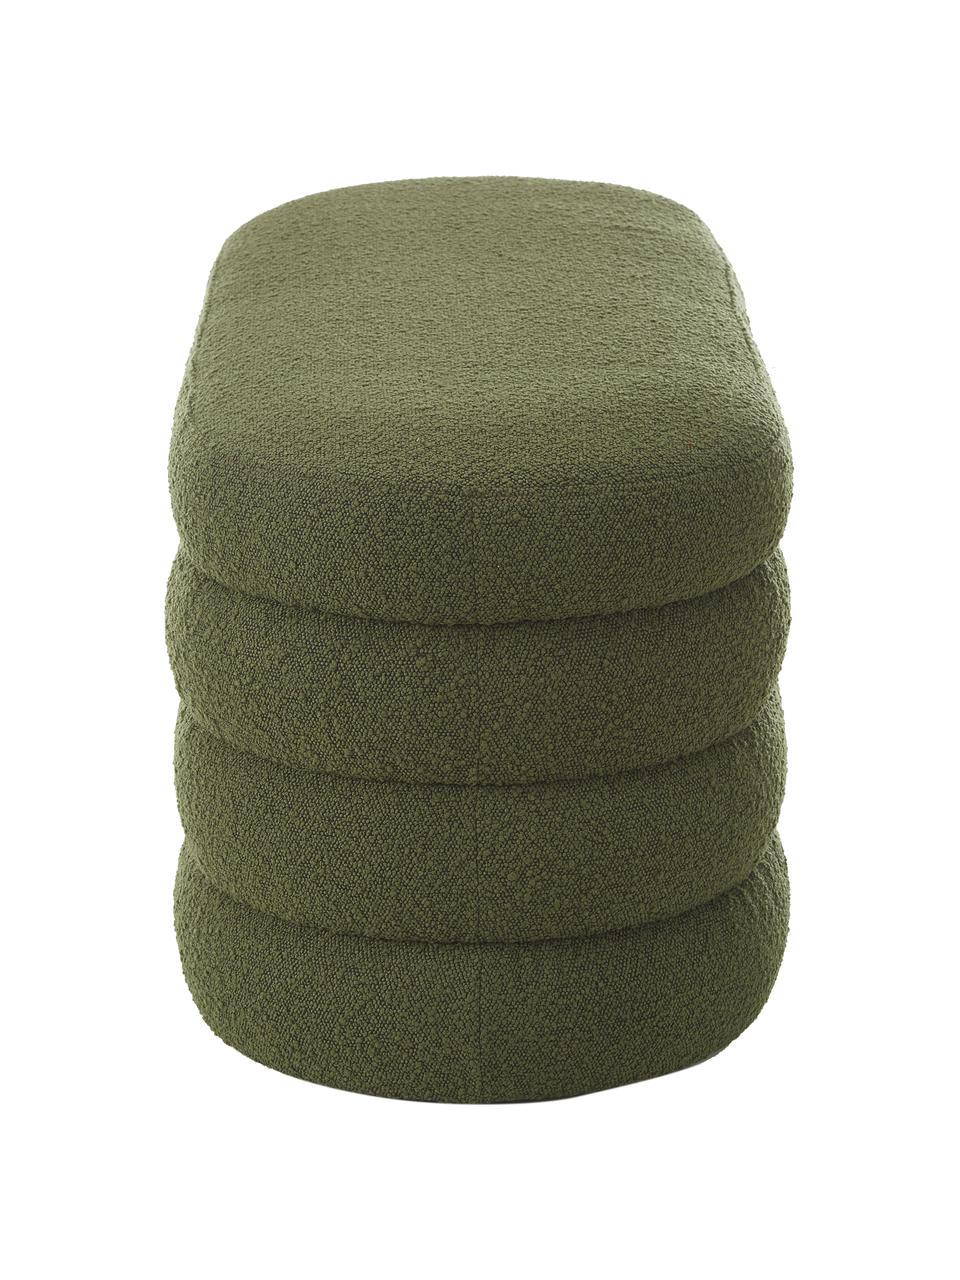 Banquette en tissu bouclé Alto, Tissu bouclé vert